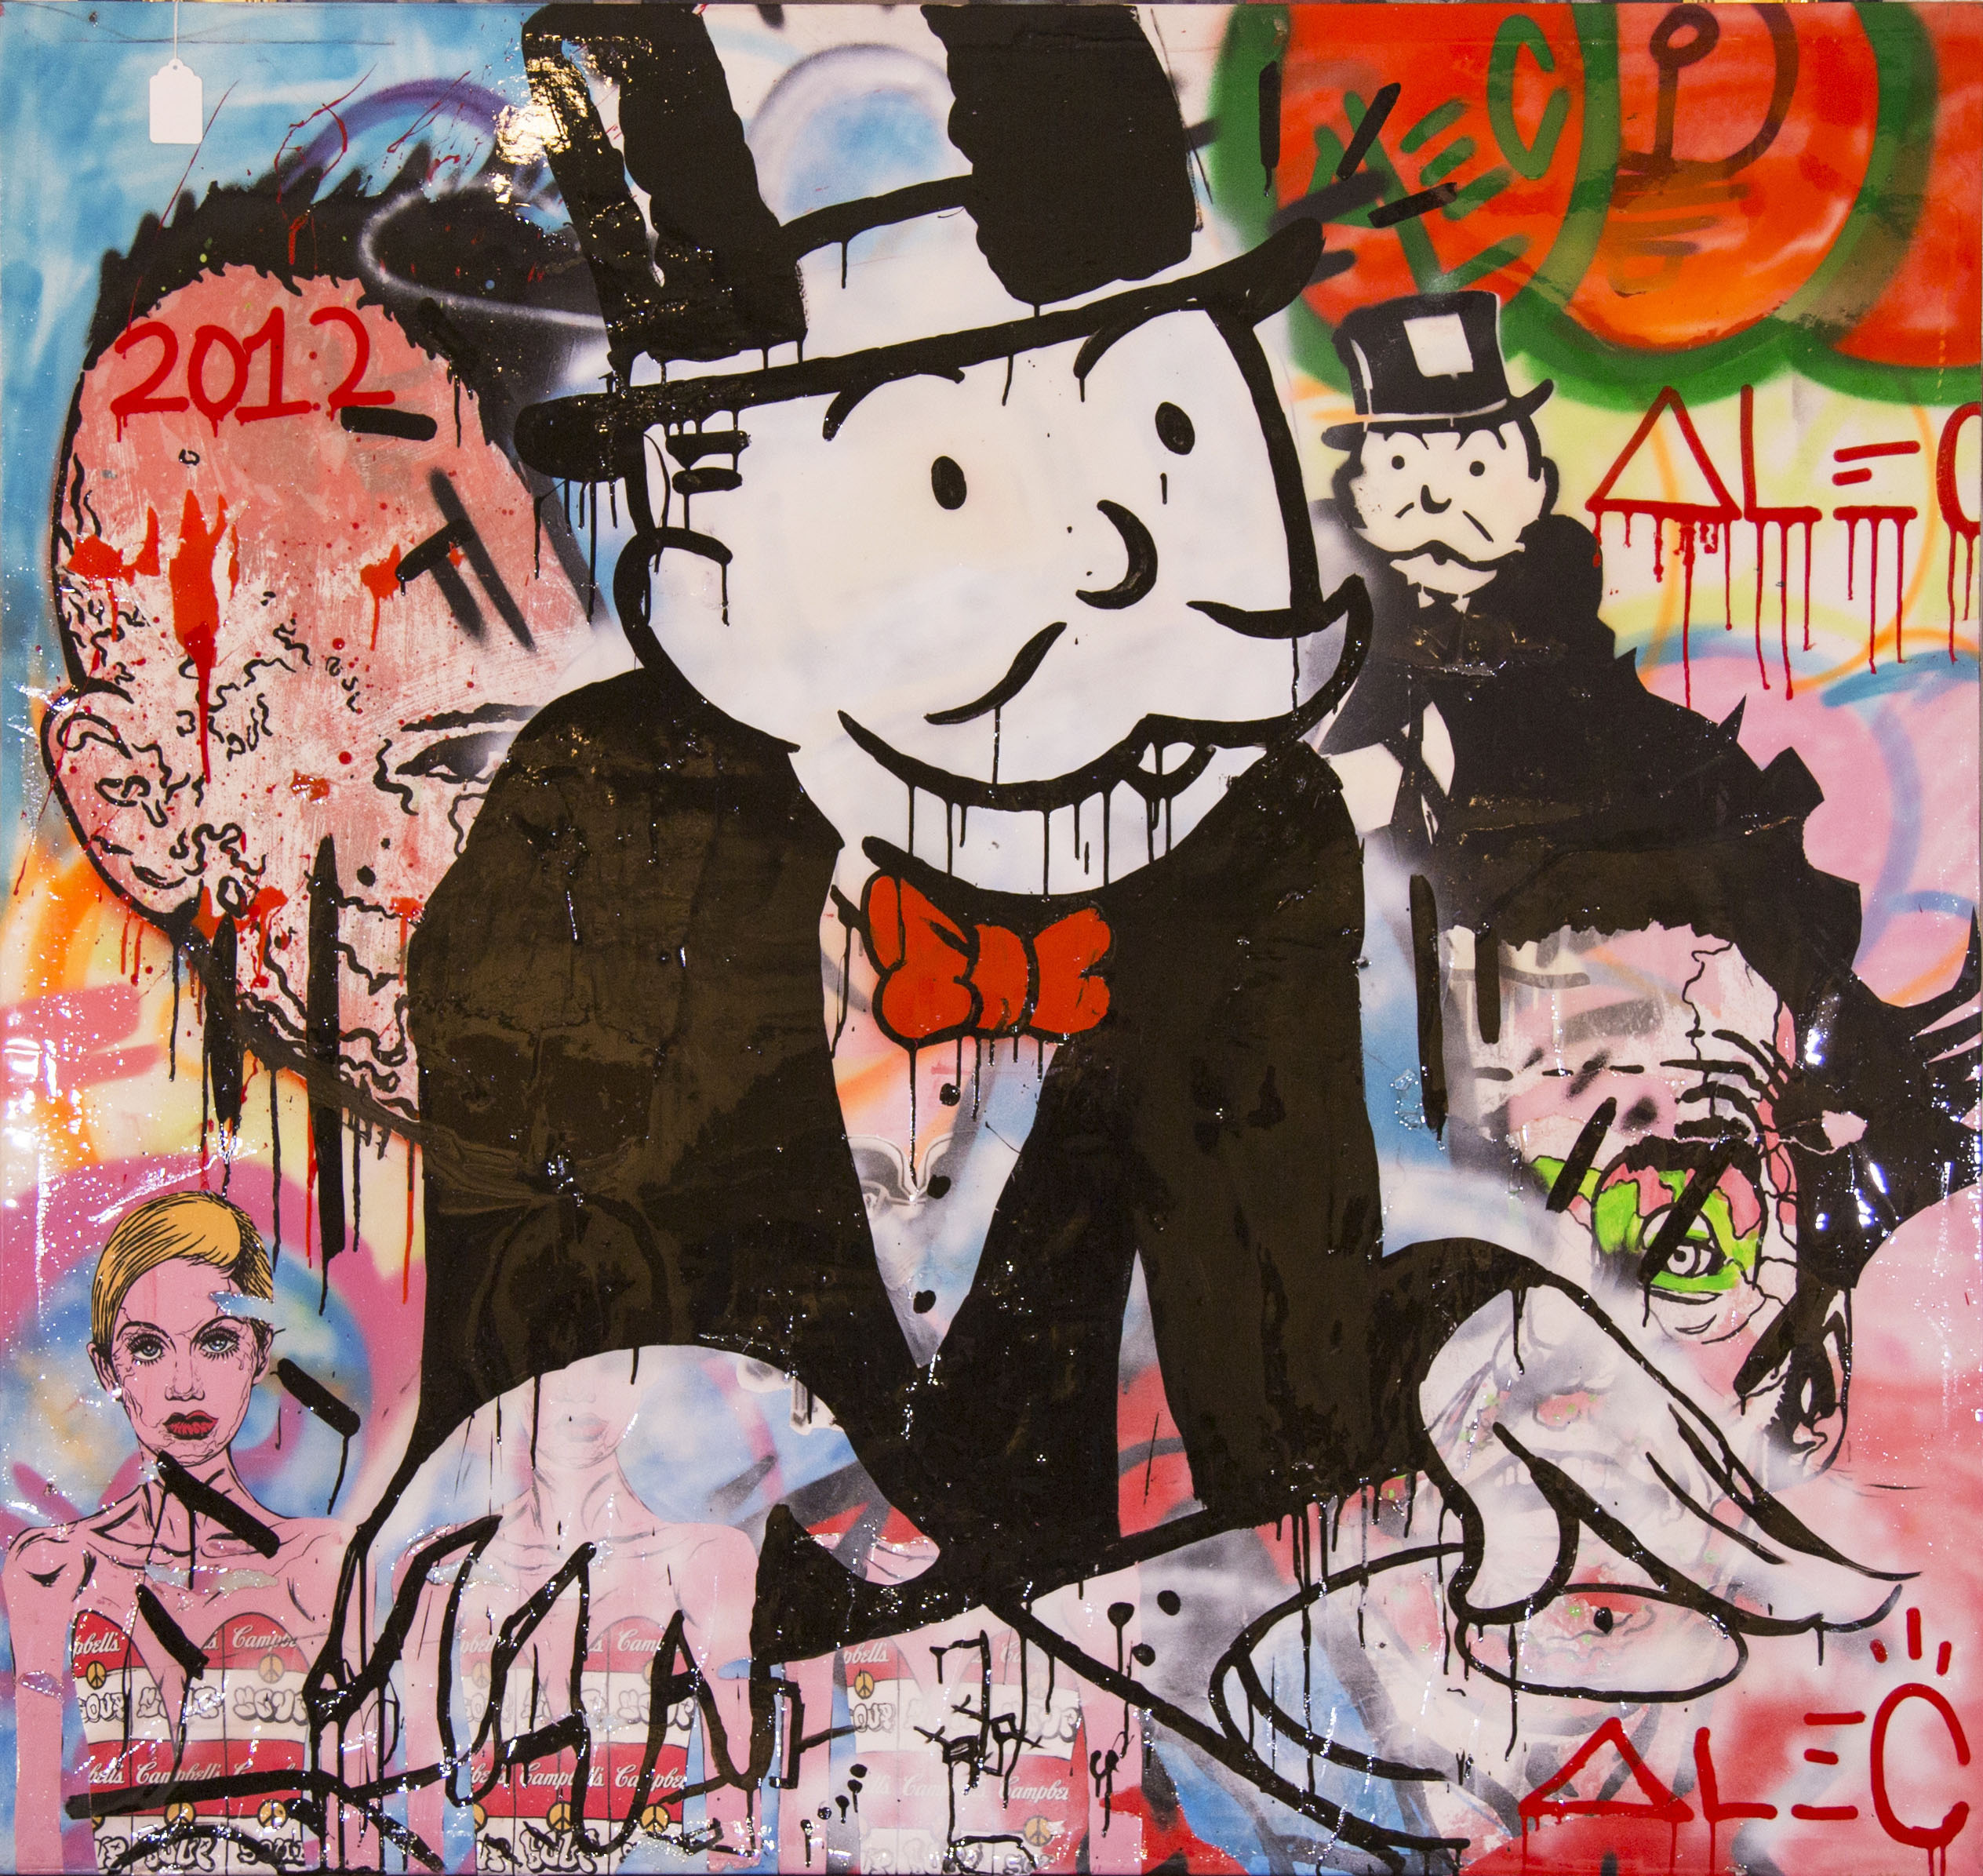 Monopoly by Alec Monopoly